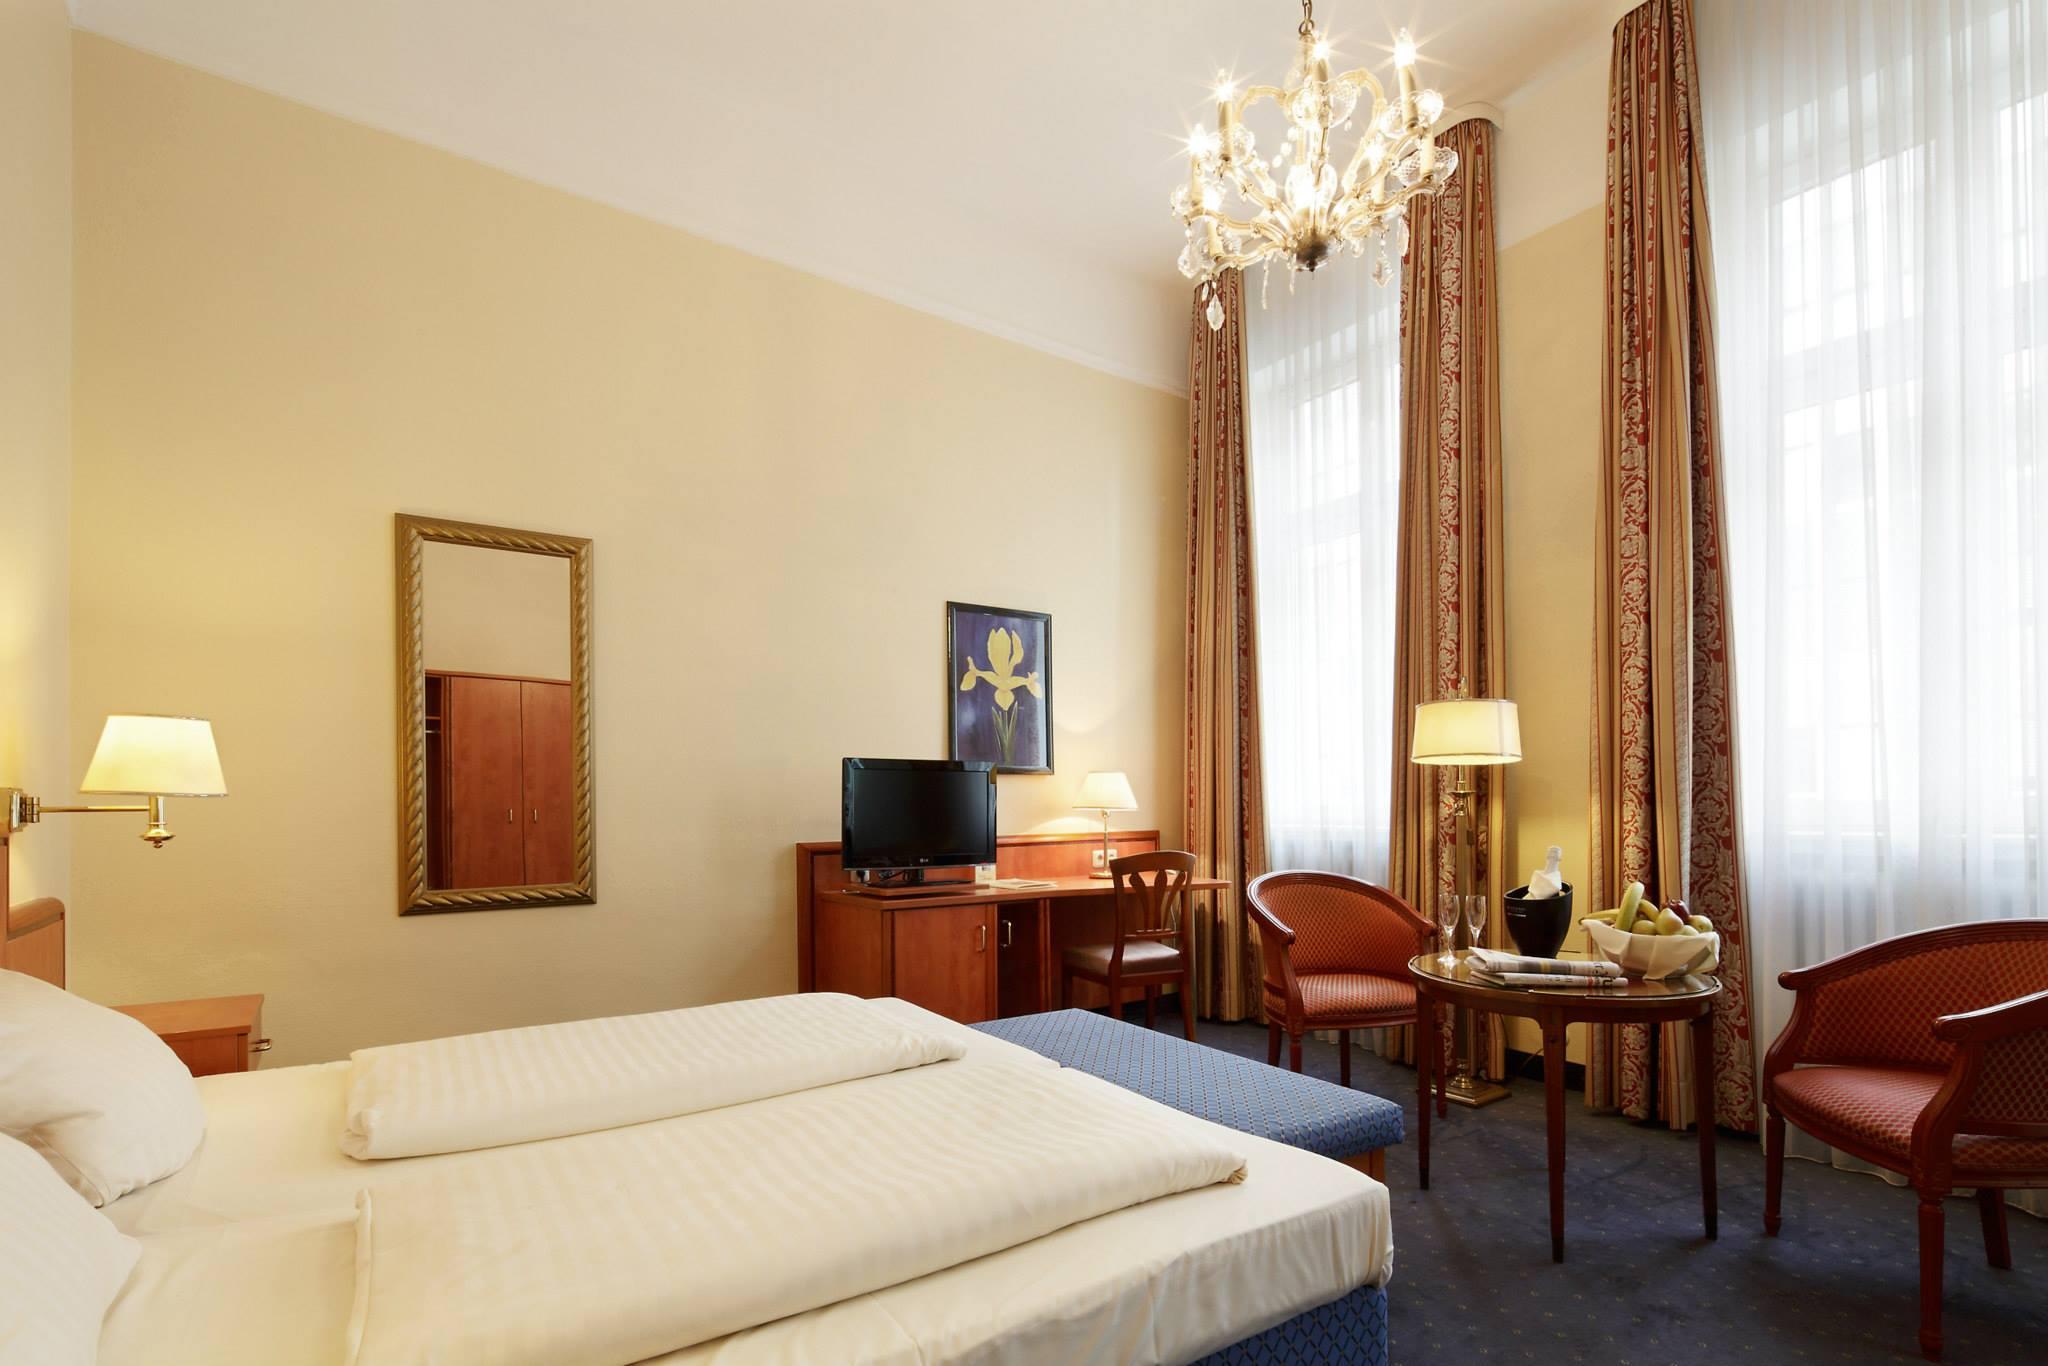 Recomandări pentru hotelieri - detaliile care sporesc popularitatea business-urilor 1